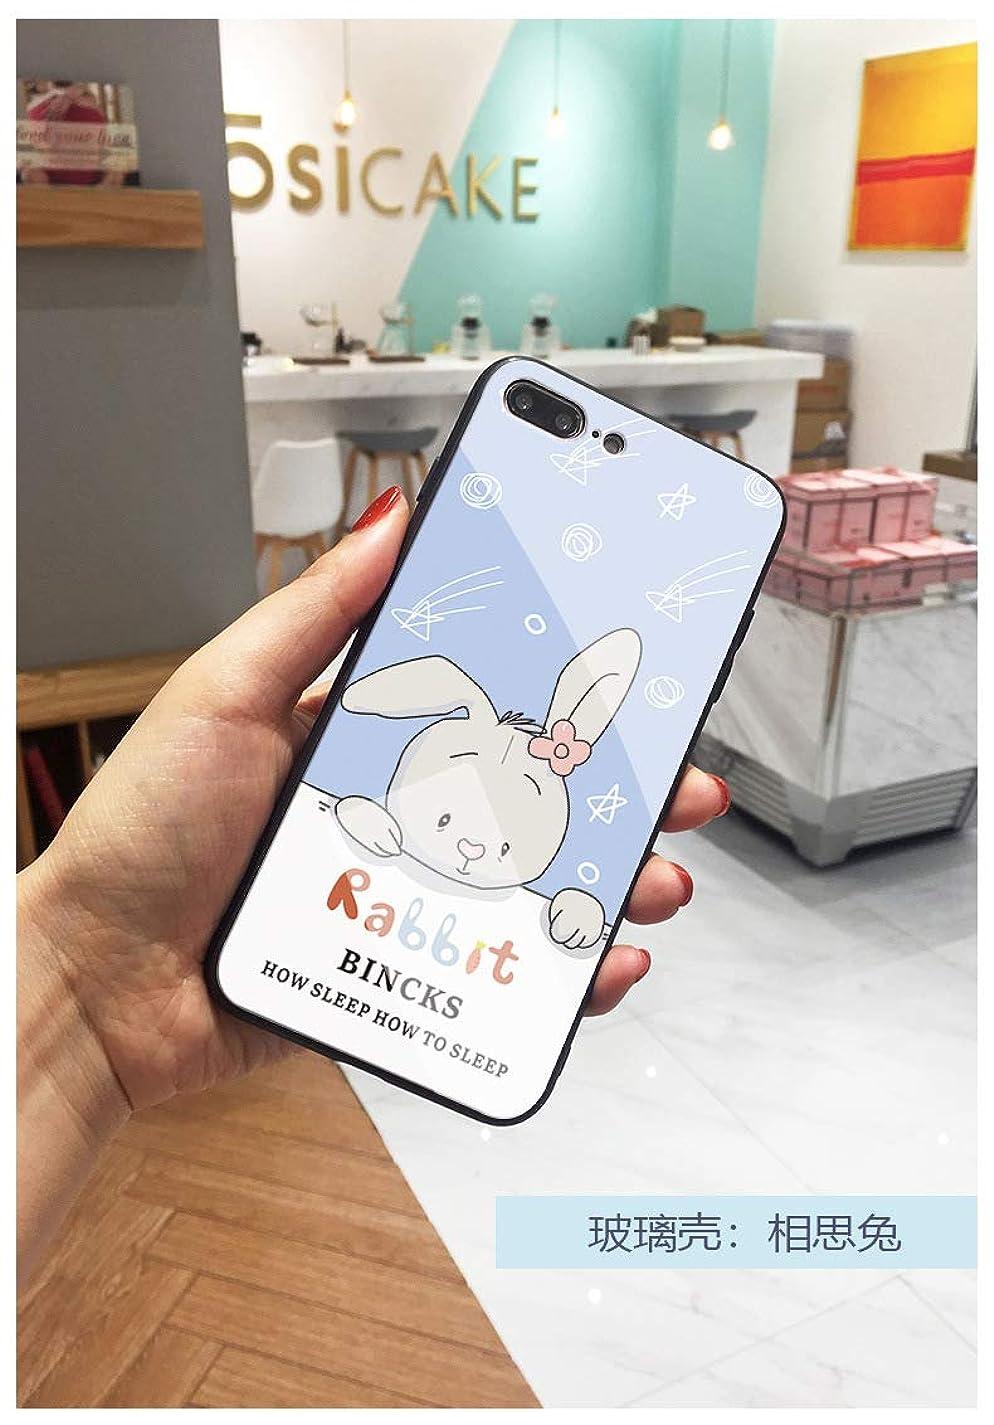 魔術無実プロポーショナルiPhone7/8/iPhone7 Plus/8plusケース ガラス iPhone XS Max 携帯ケース iPhone X 保護カバー 携帯の殻 保護セット iPhone XSモバイルシェル iphoneX携帯電話ケース iphoneXS/MAX ドロッププロテクション (iPhone7Plus ケース)